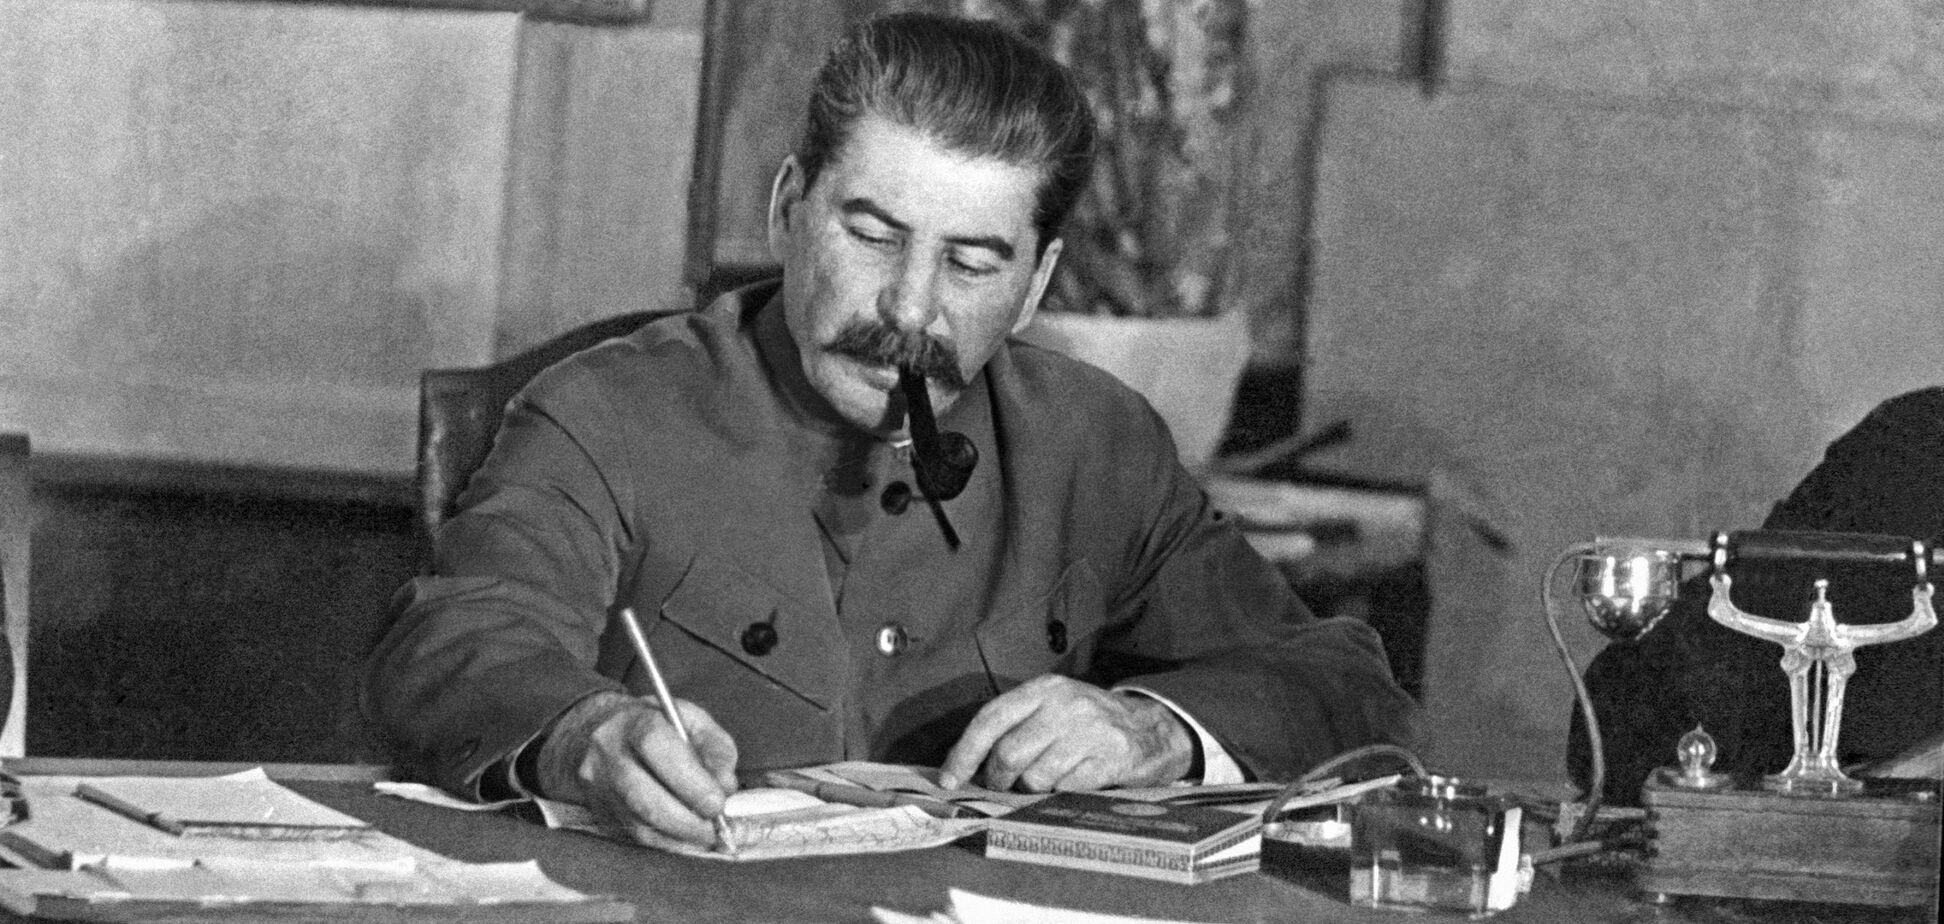 Как Сталин из 'мелкого бандита' превратился в 'отца победы': Чубайс указал на ложь России